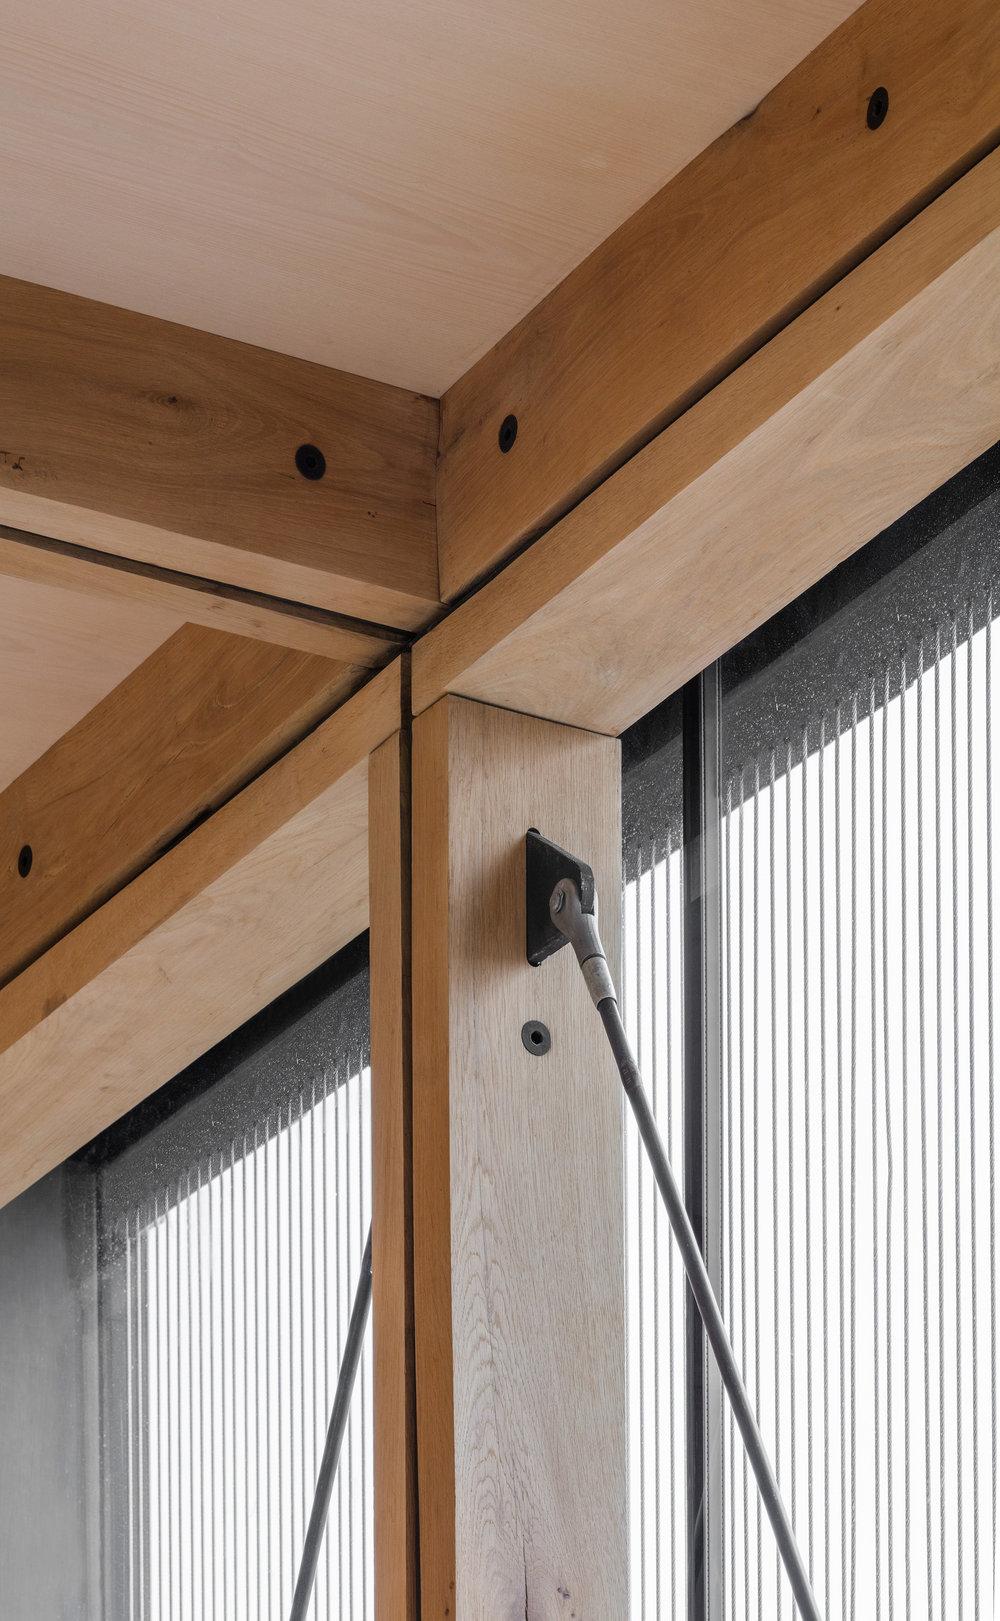 Union-Wharf-Islington-London-Oak-Ash-Roof-Extension-Detail-Structure-Architect.jpg